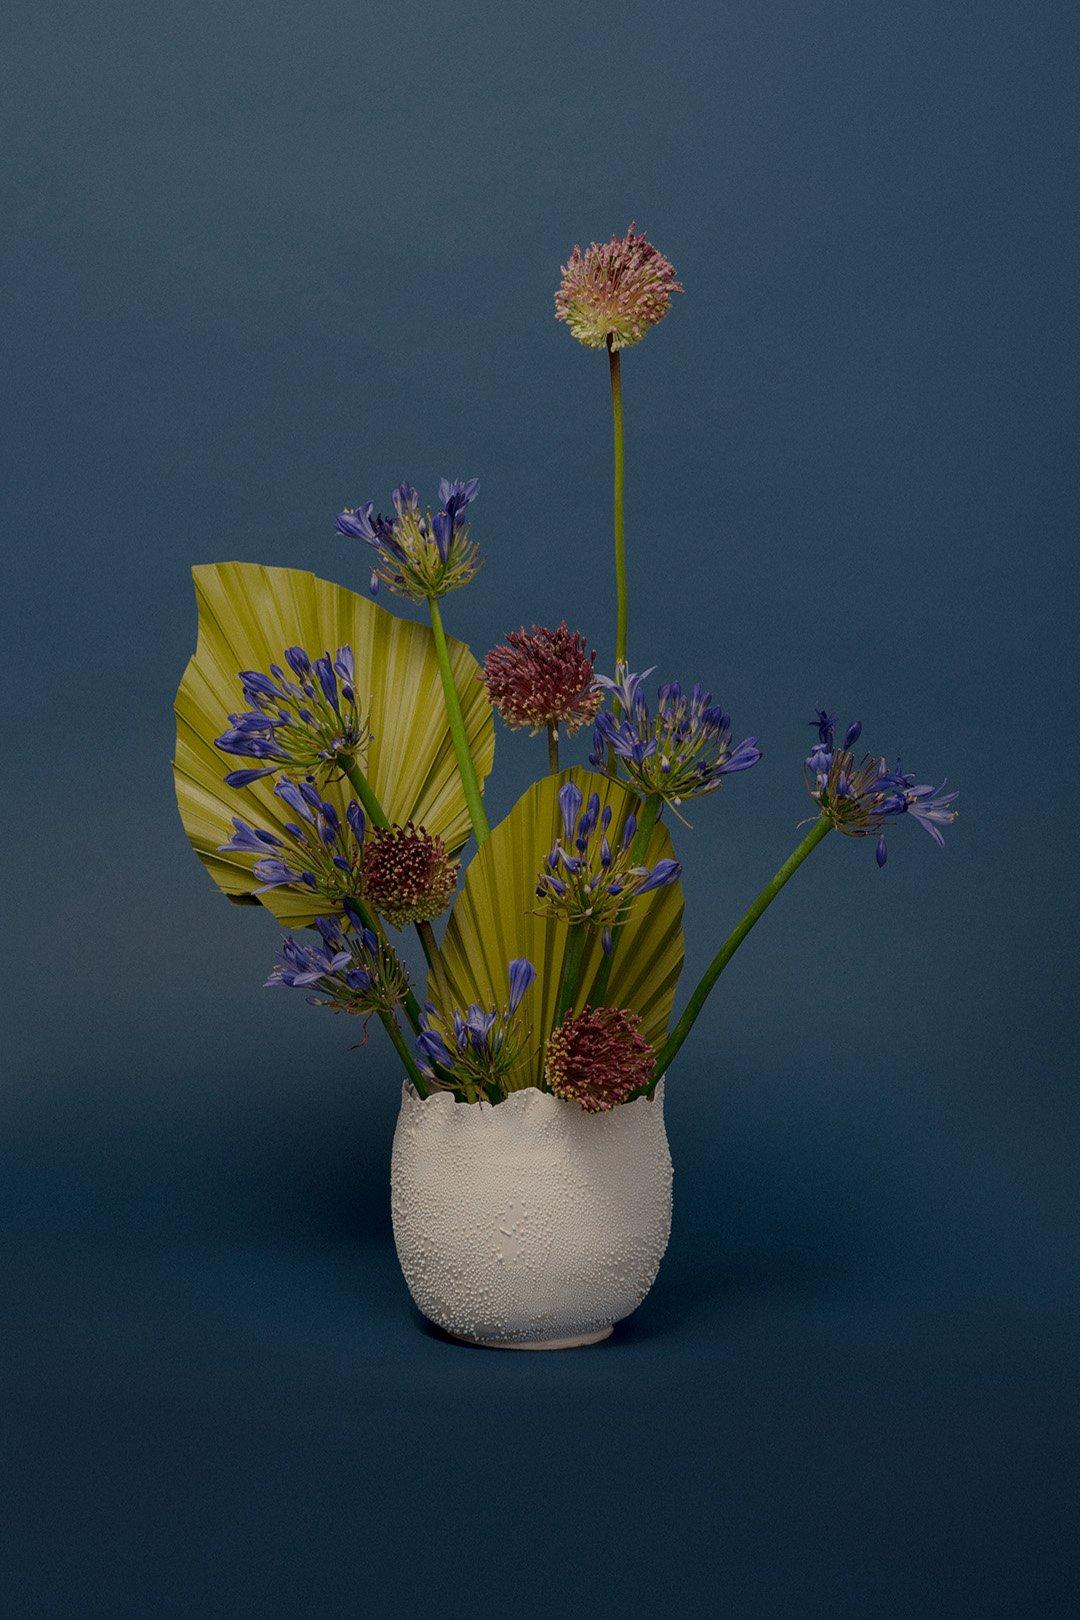 nathaleepaolinelli-vase-project-florist-08